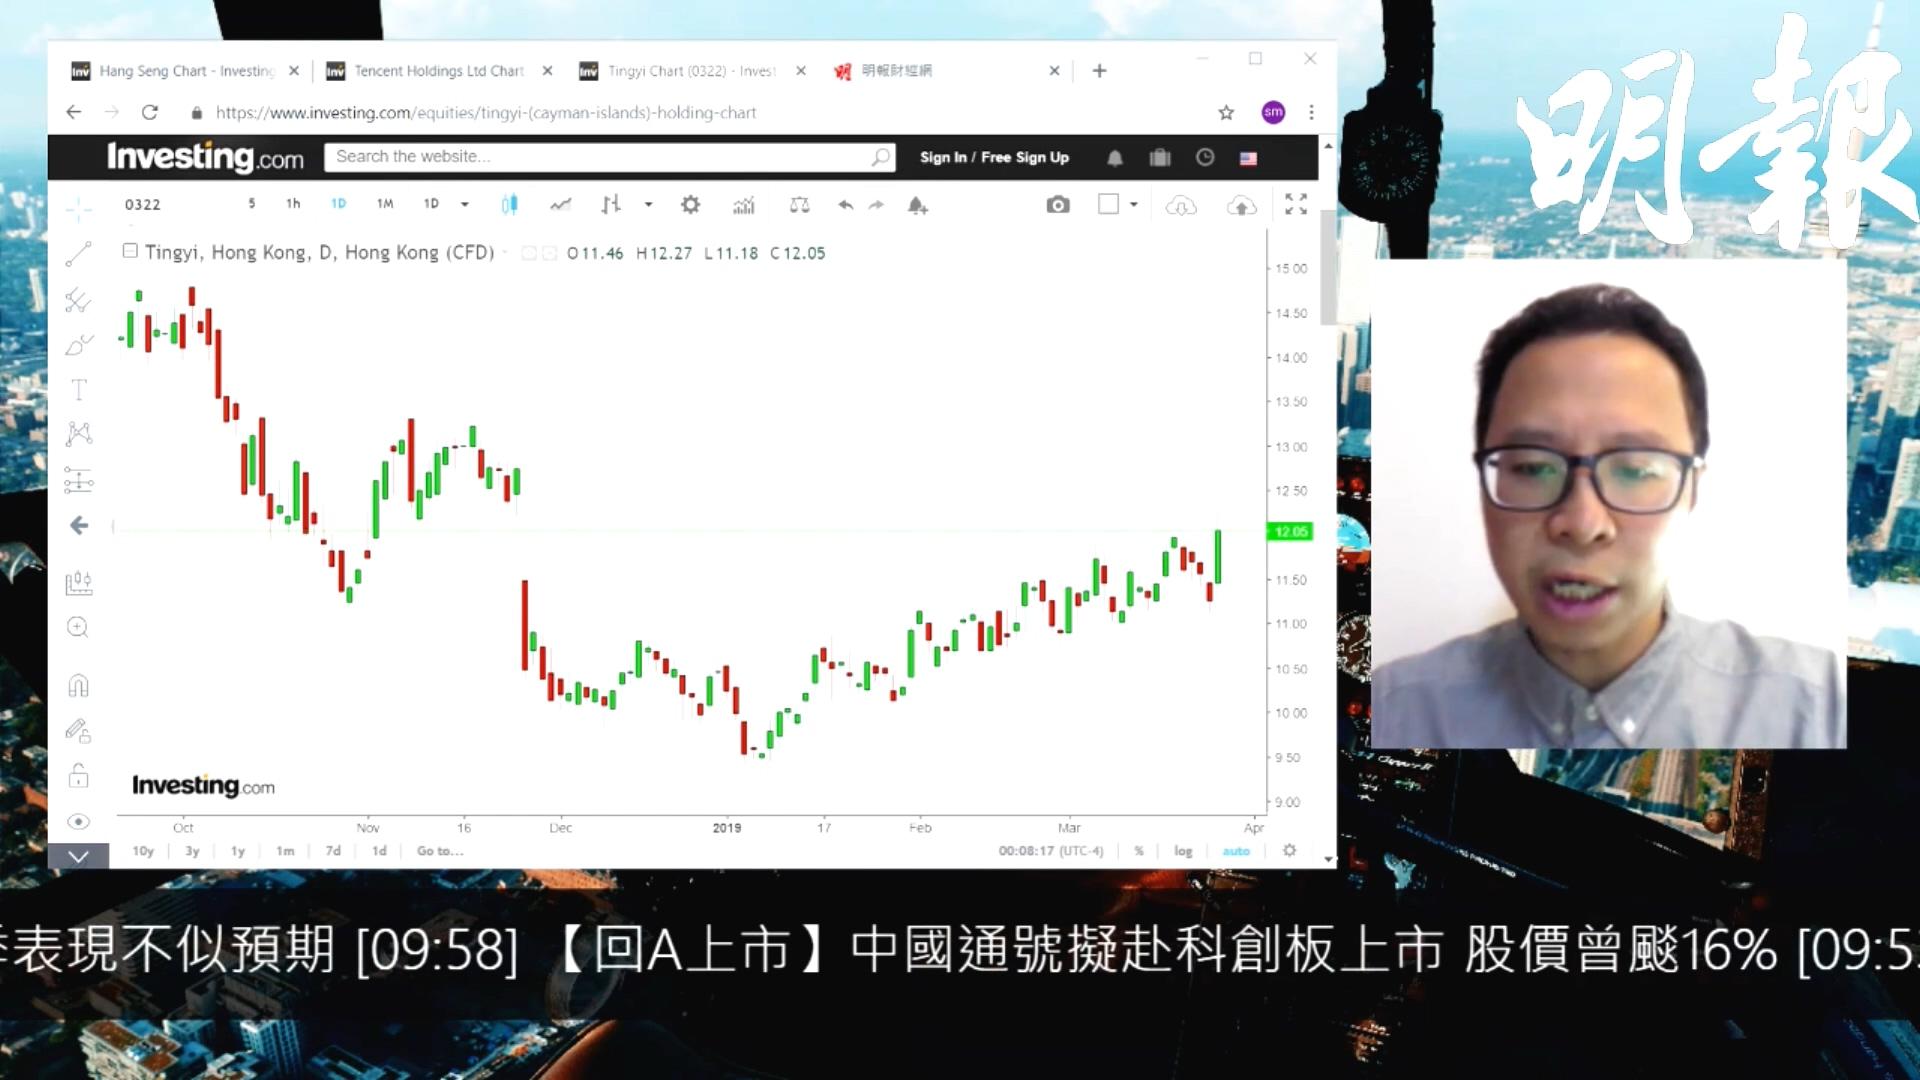 【有片:選股王】食品股偏強 康師傅12元以下吸納